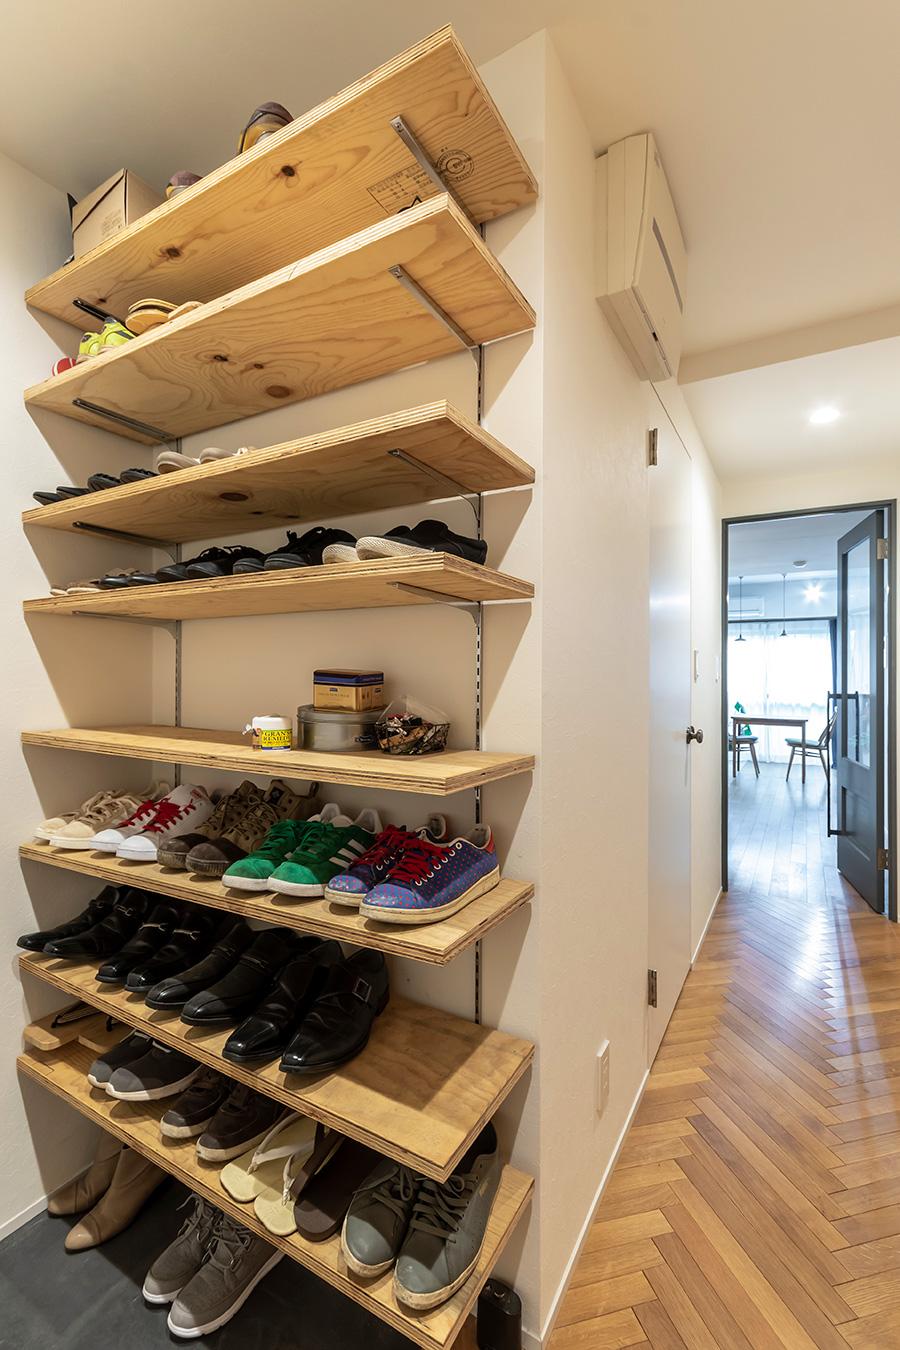 靴の収納はオープンな棚に。玄関の床はモルタルに墨を混ぜて着色した。